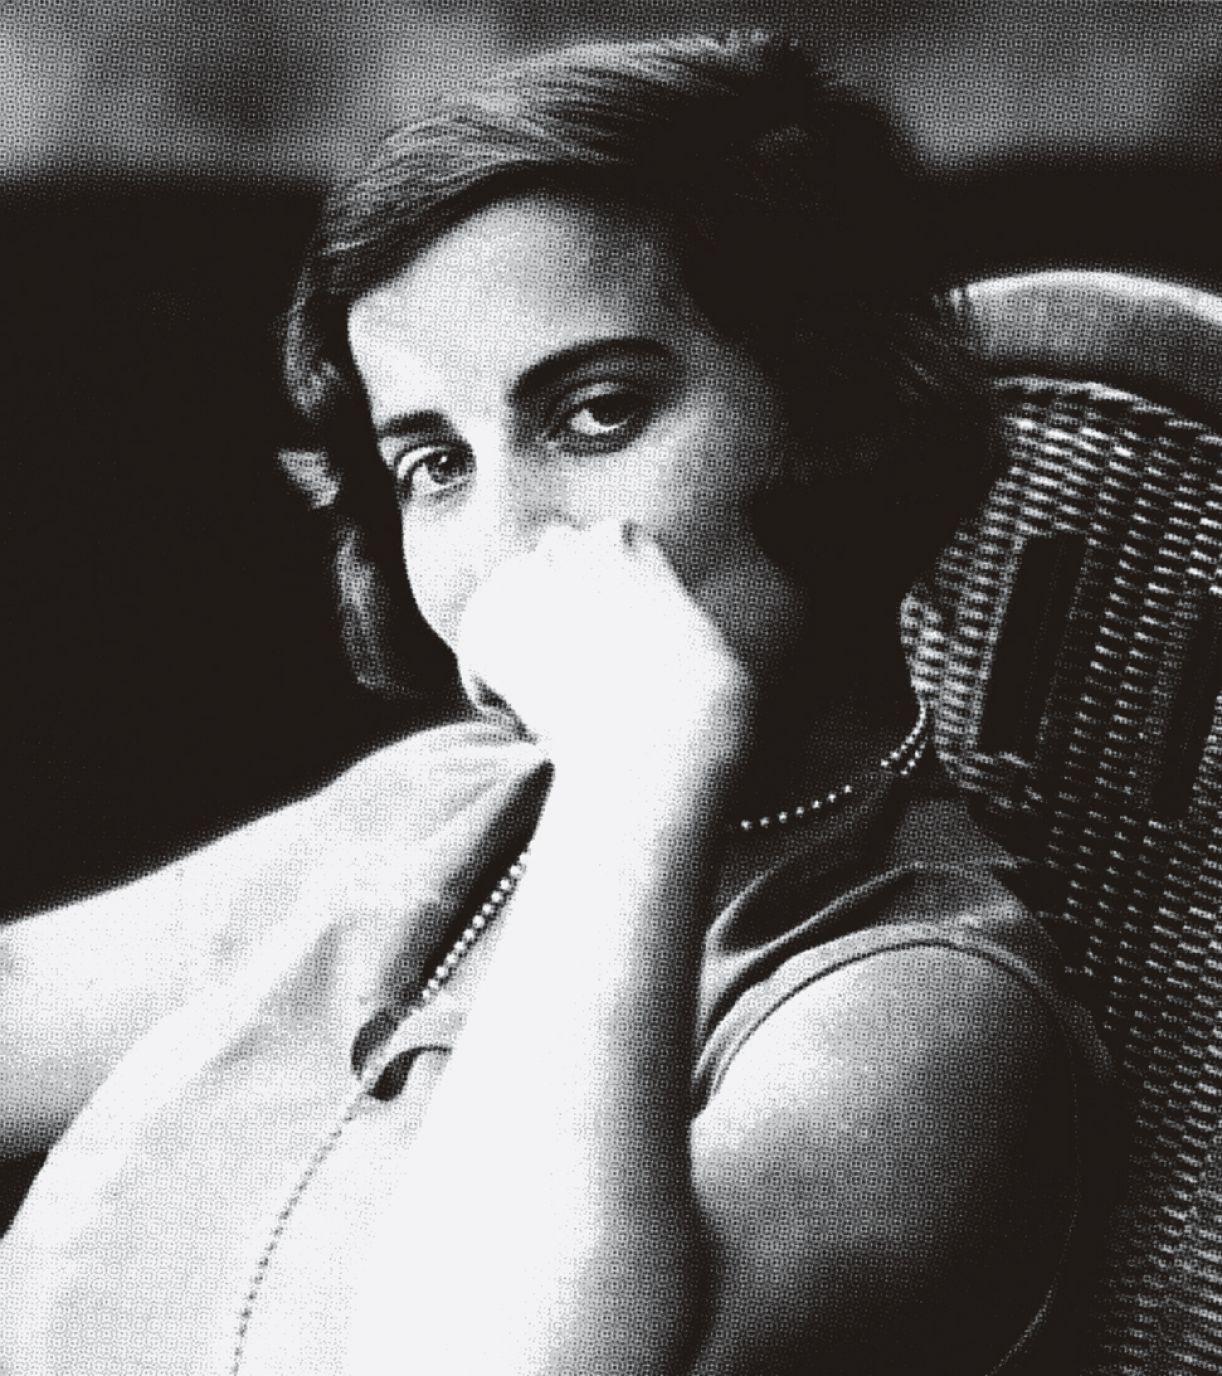 A autora argentina chegou às livraria brasileiras somente no segundo semestre de 2019